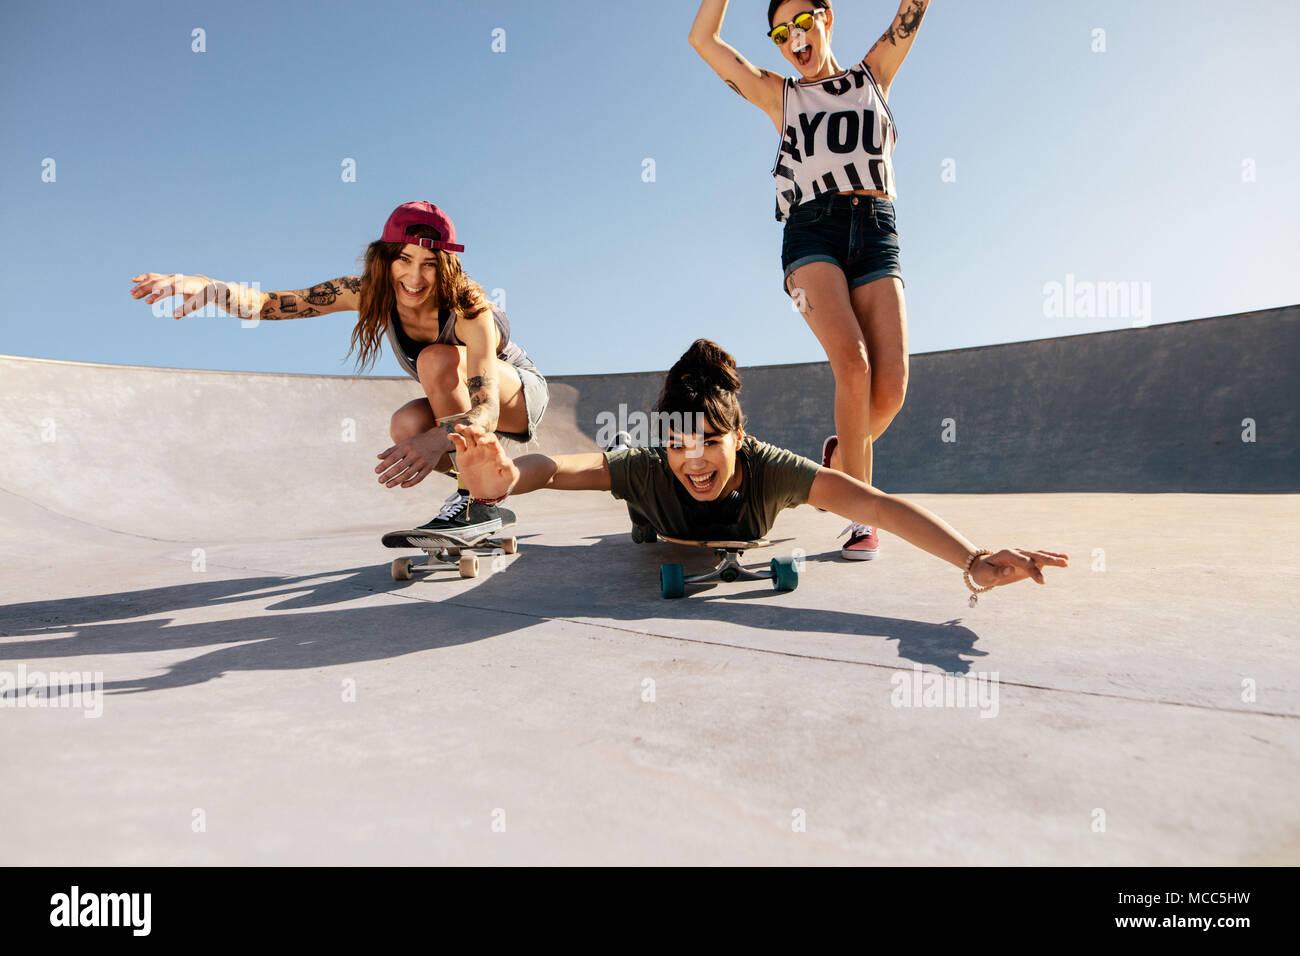 El grupo de niñas montando skateboards y divertirse en el parque de skate. Feliz  mujeres d1e2f633025